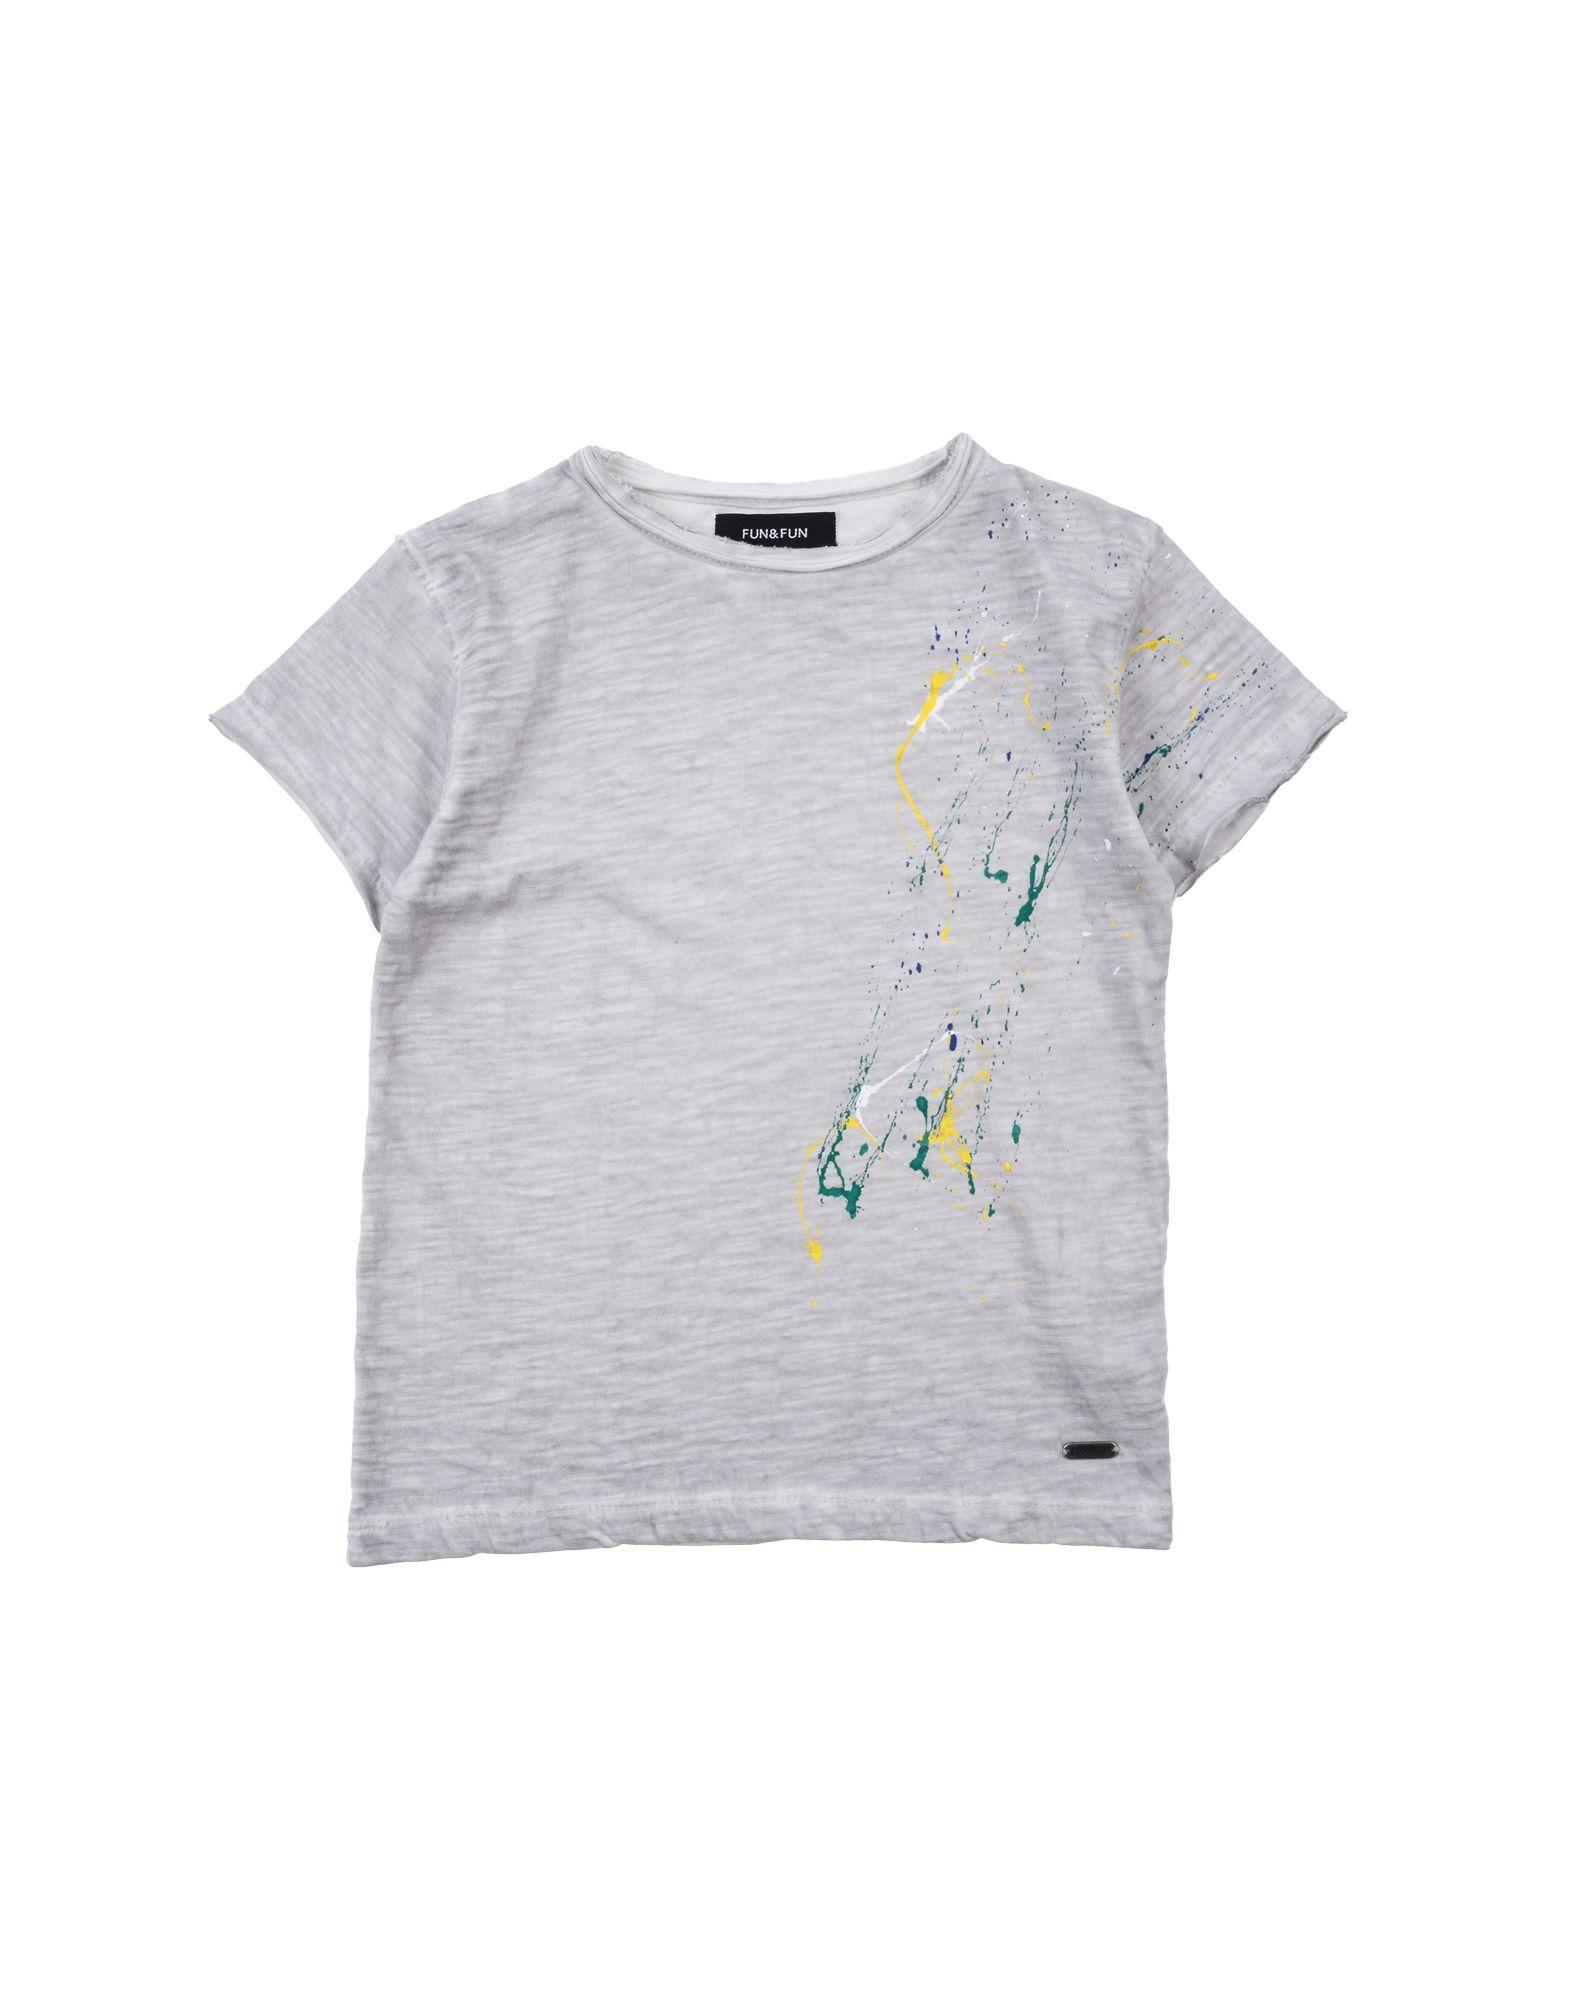 Fun & Fun Kids' T-shirts In Gray